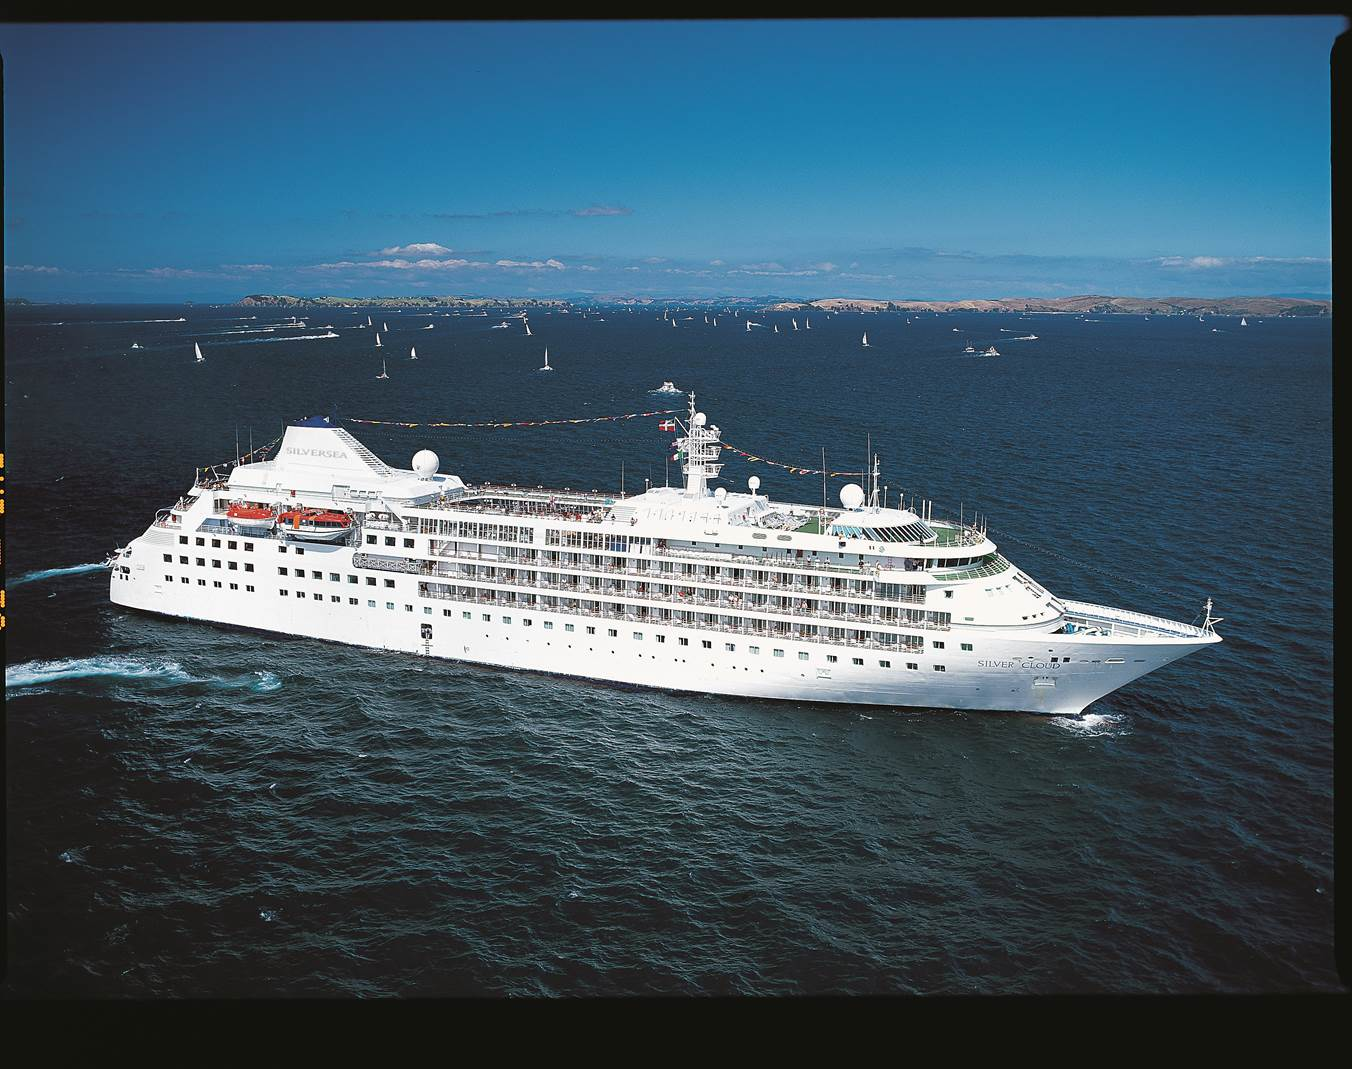 Silversea Announces Free Wi-Fi Onboard